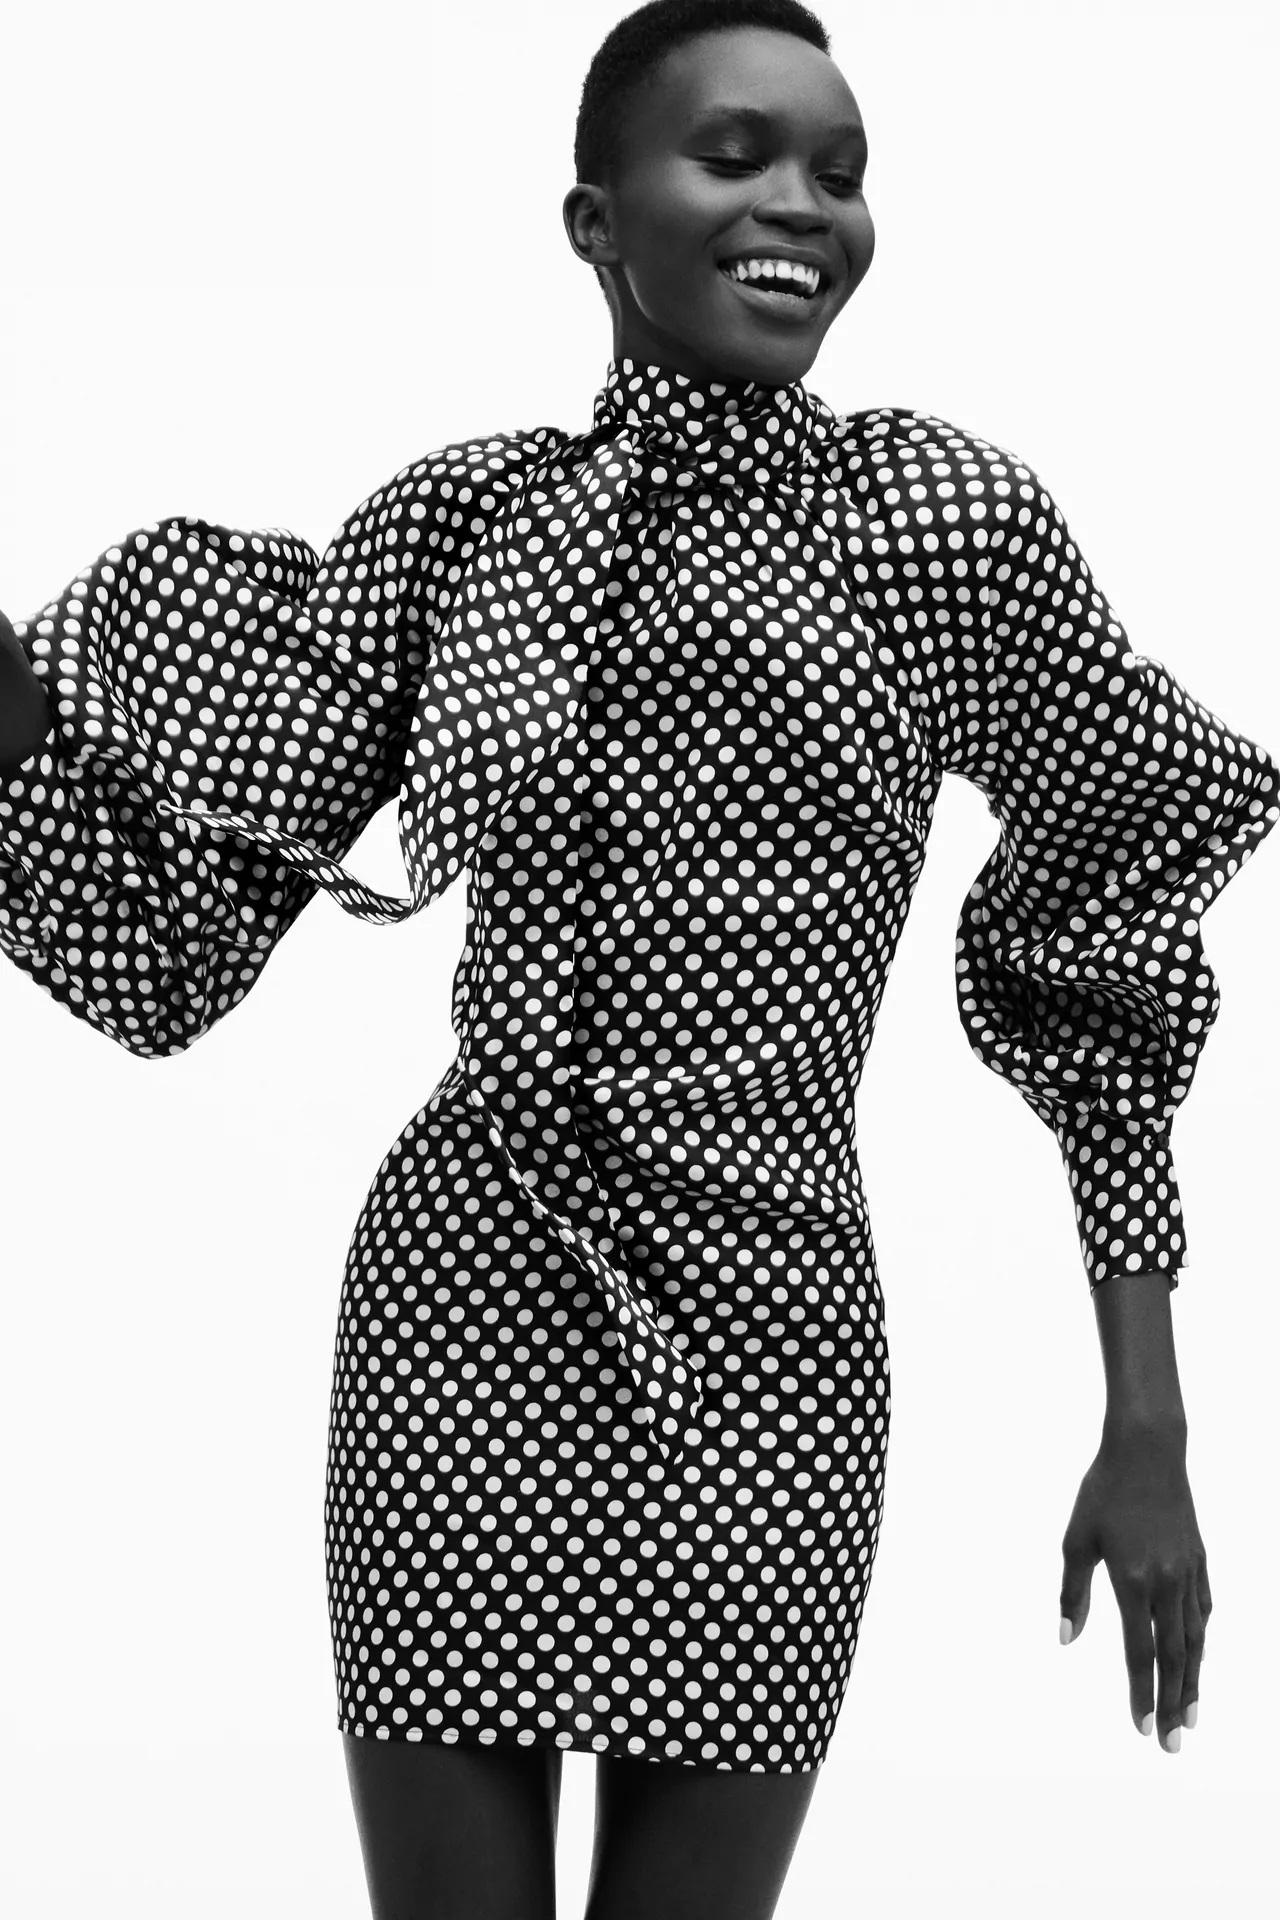 Este es el vestido de Zara de lunares que será viral este otoño con aires retro y muy elegante